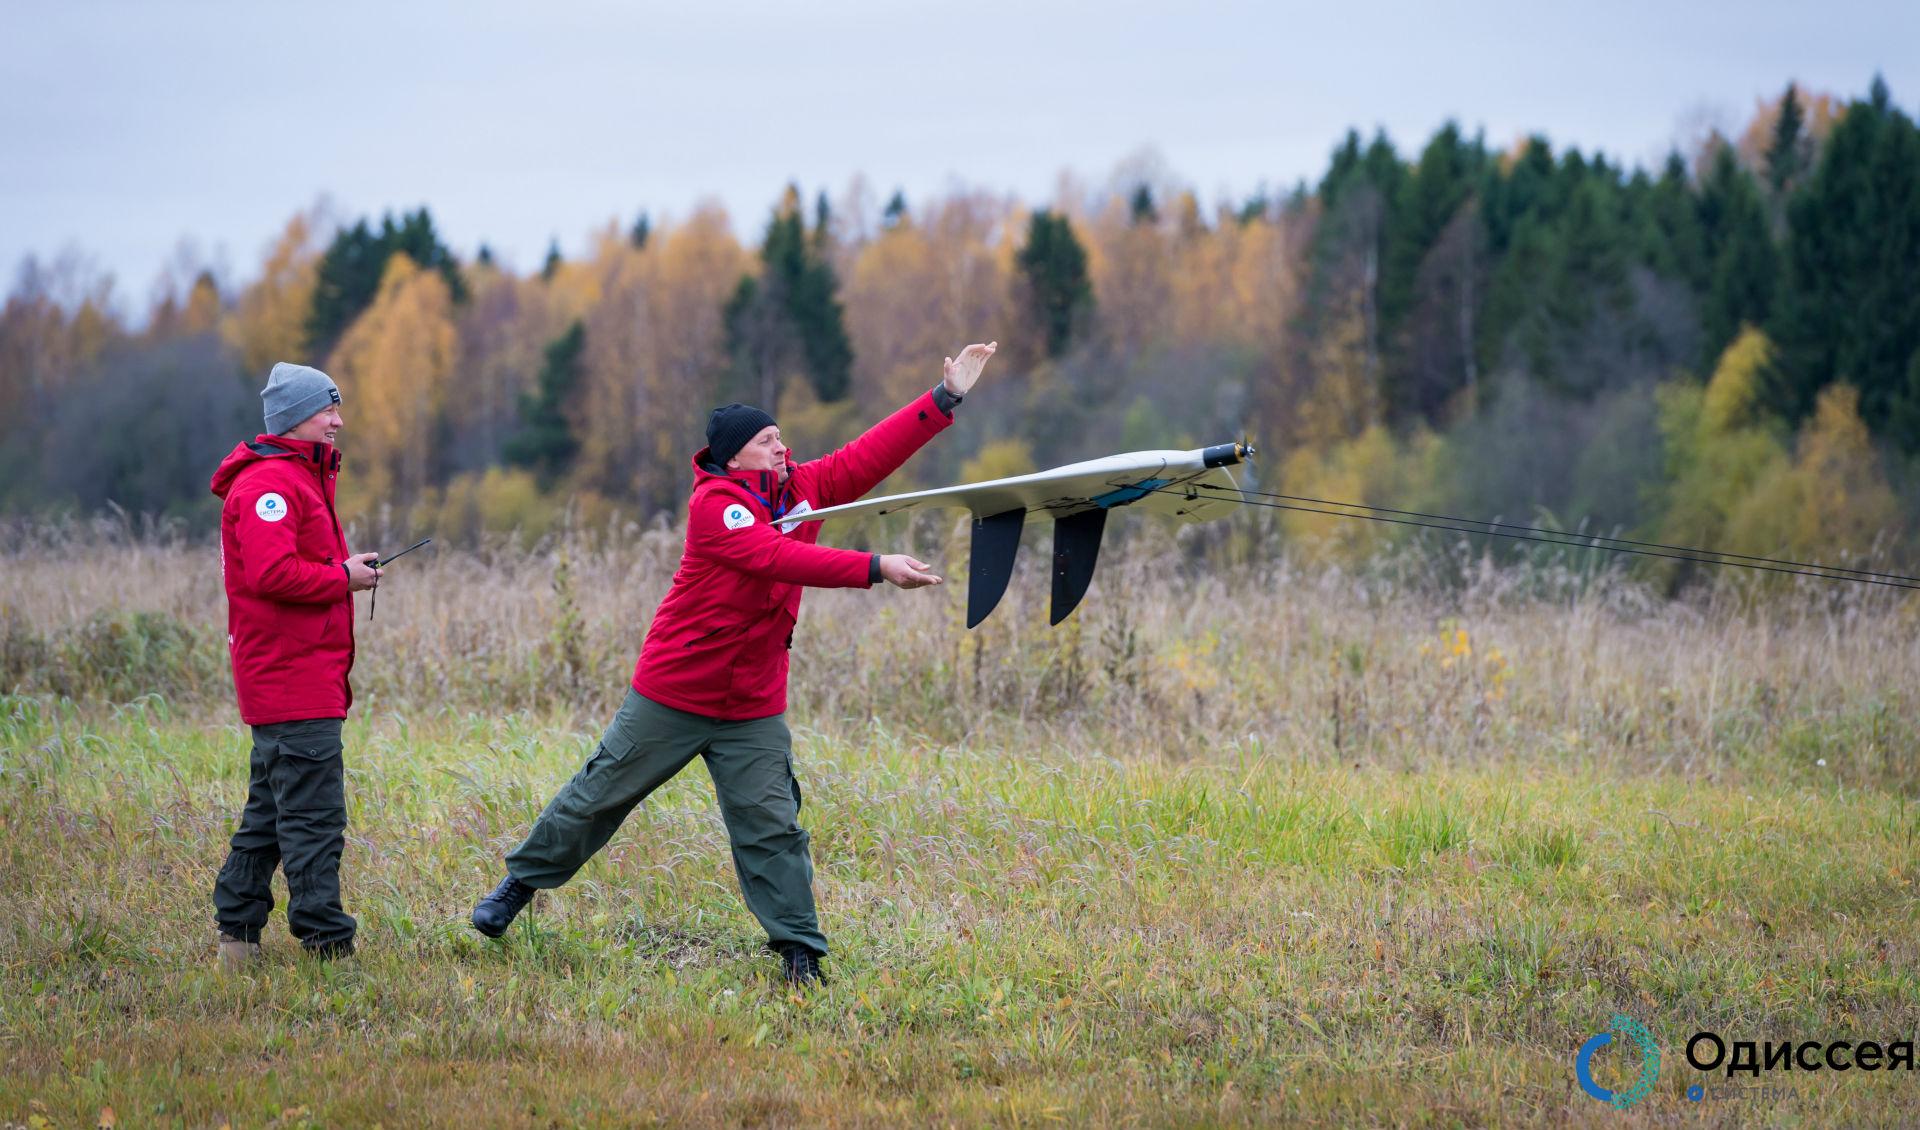 Обыскать 314 км² за 10 часов — финальное сражение инженеров-поисковиков против леса - 1